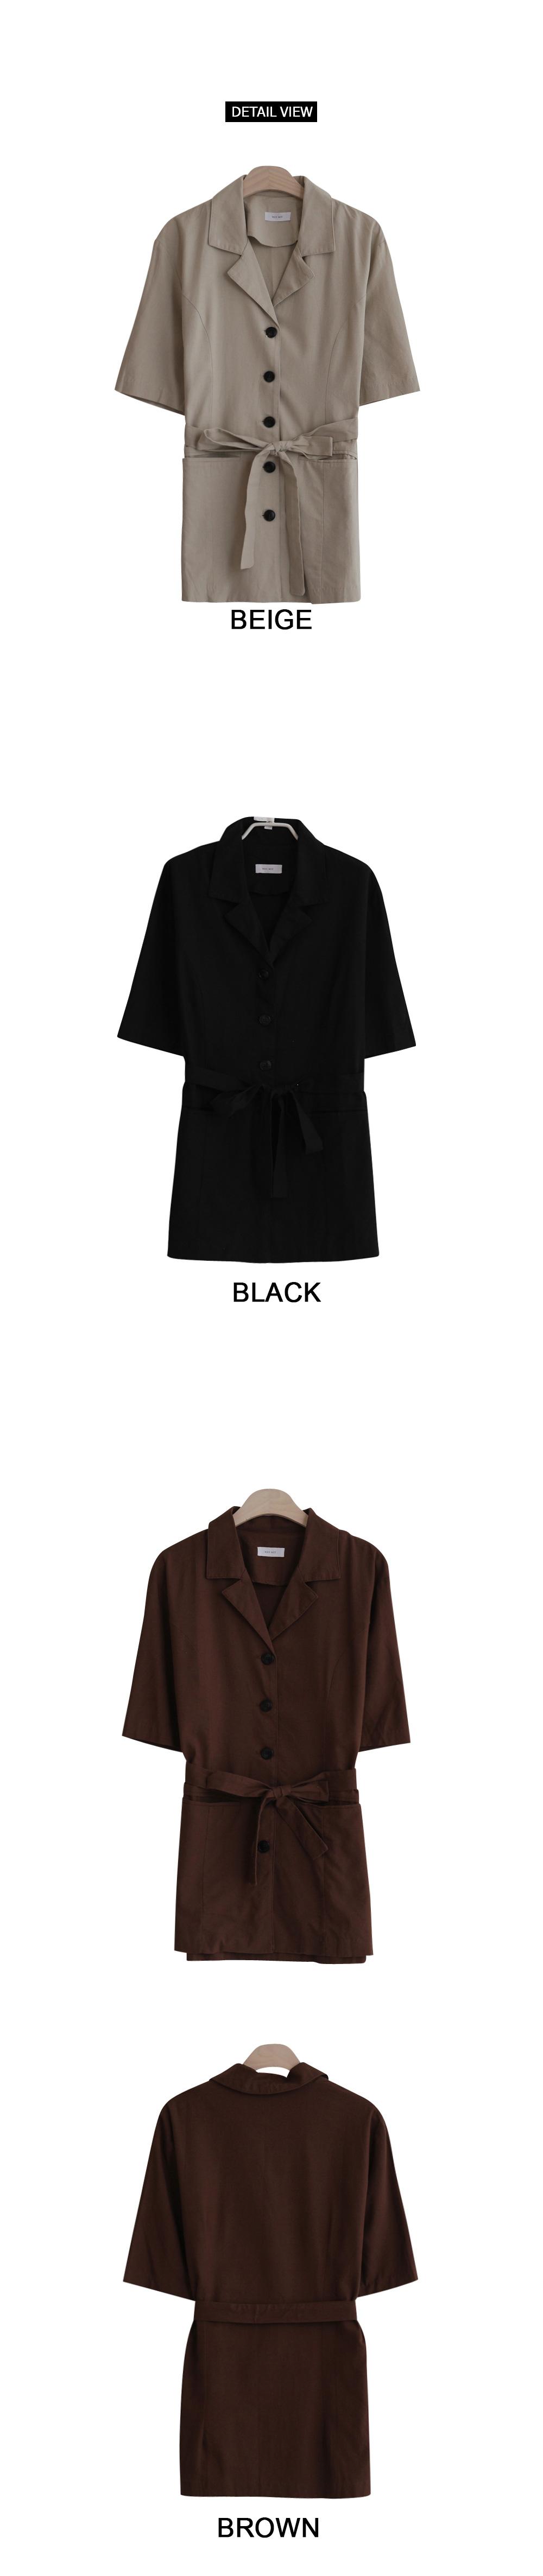 As a linen jacket